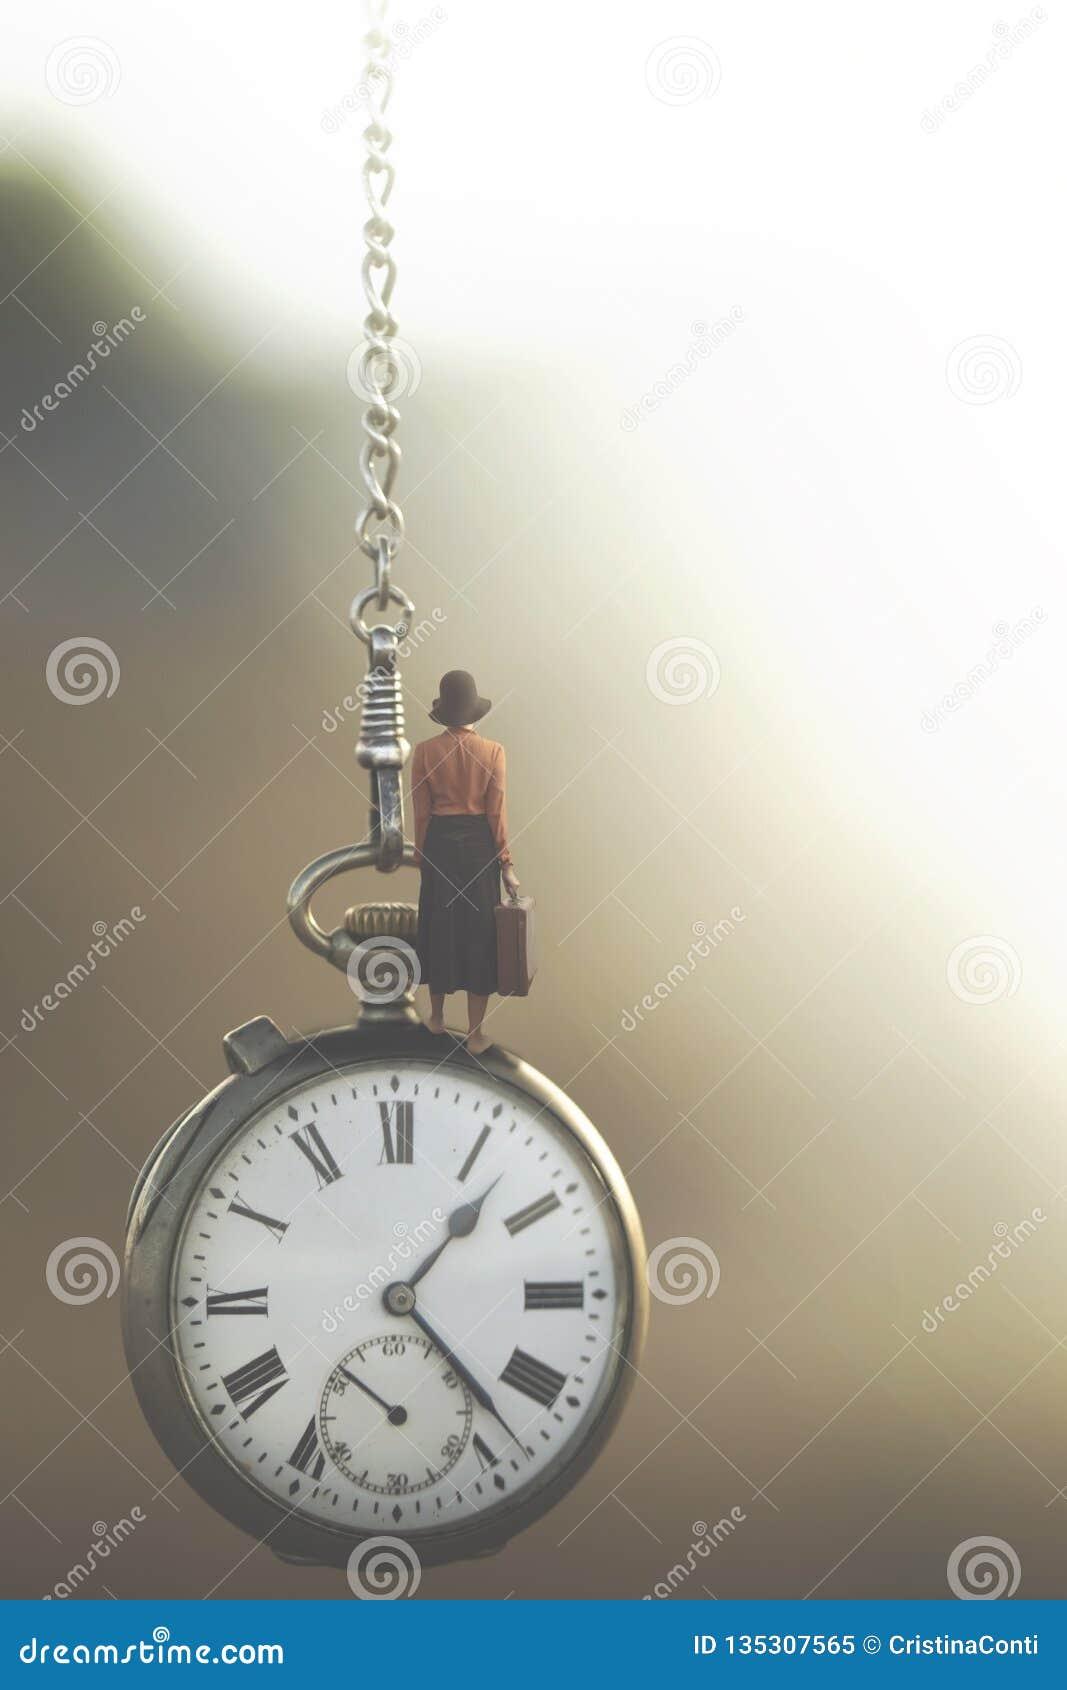 Surrealistyczny wizerunek biznesowa kobieta która podróżuje pod kontrolą spływanie czasu